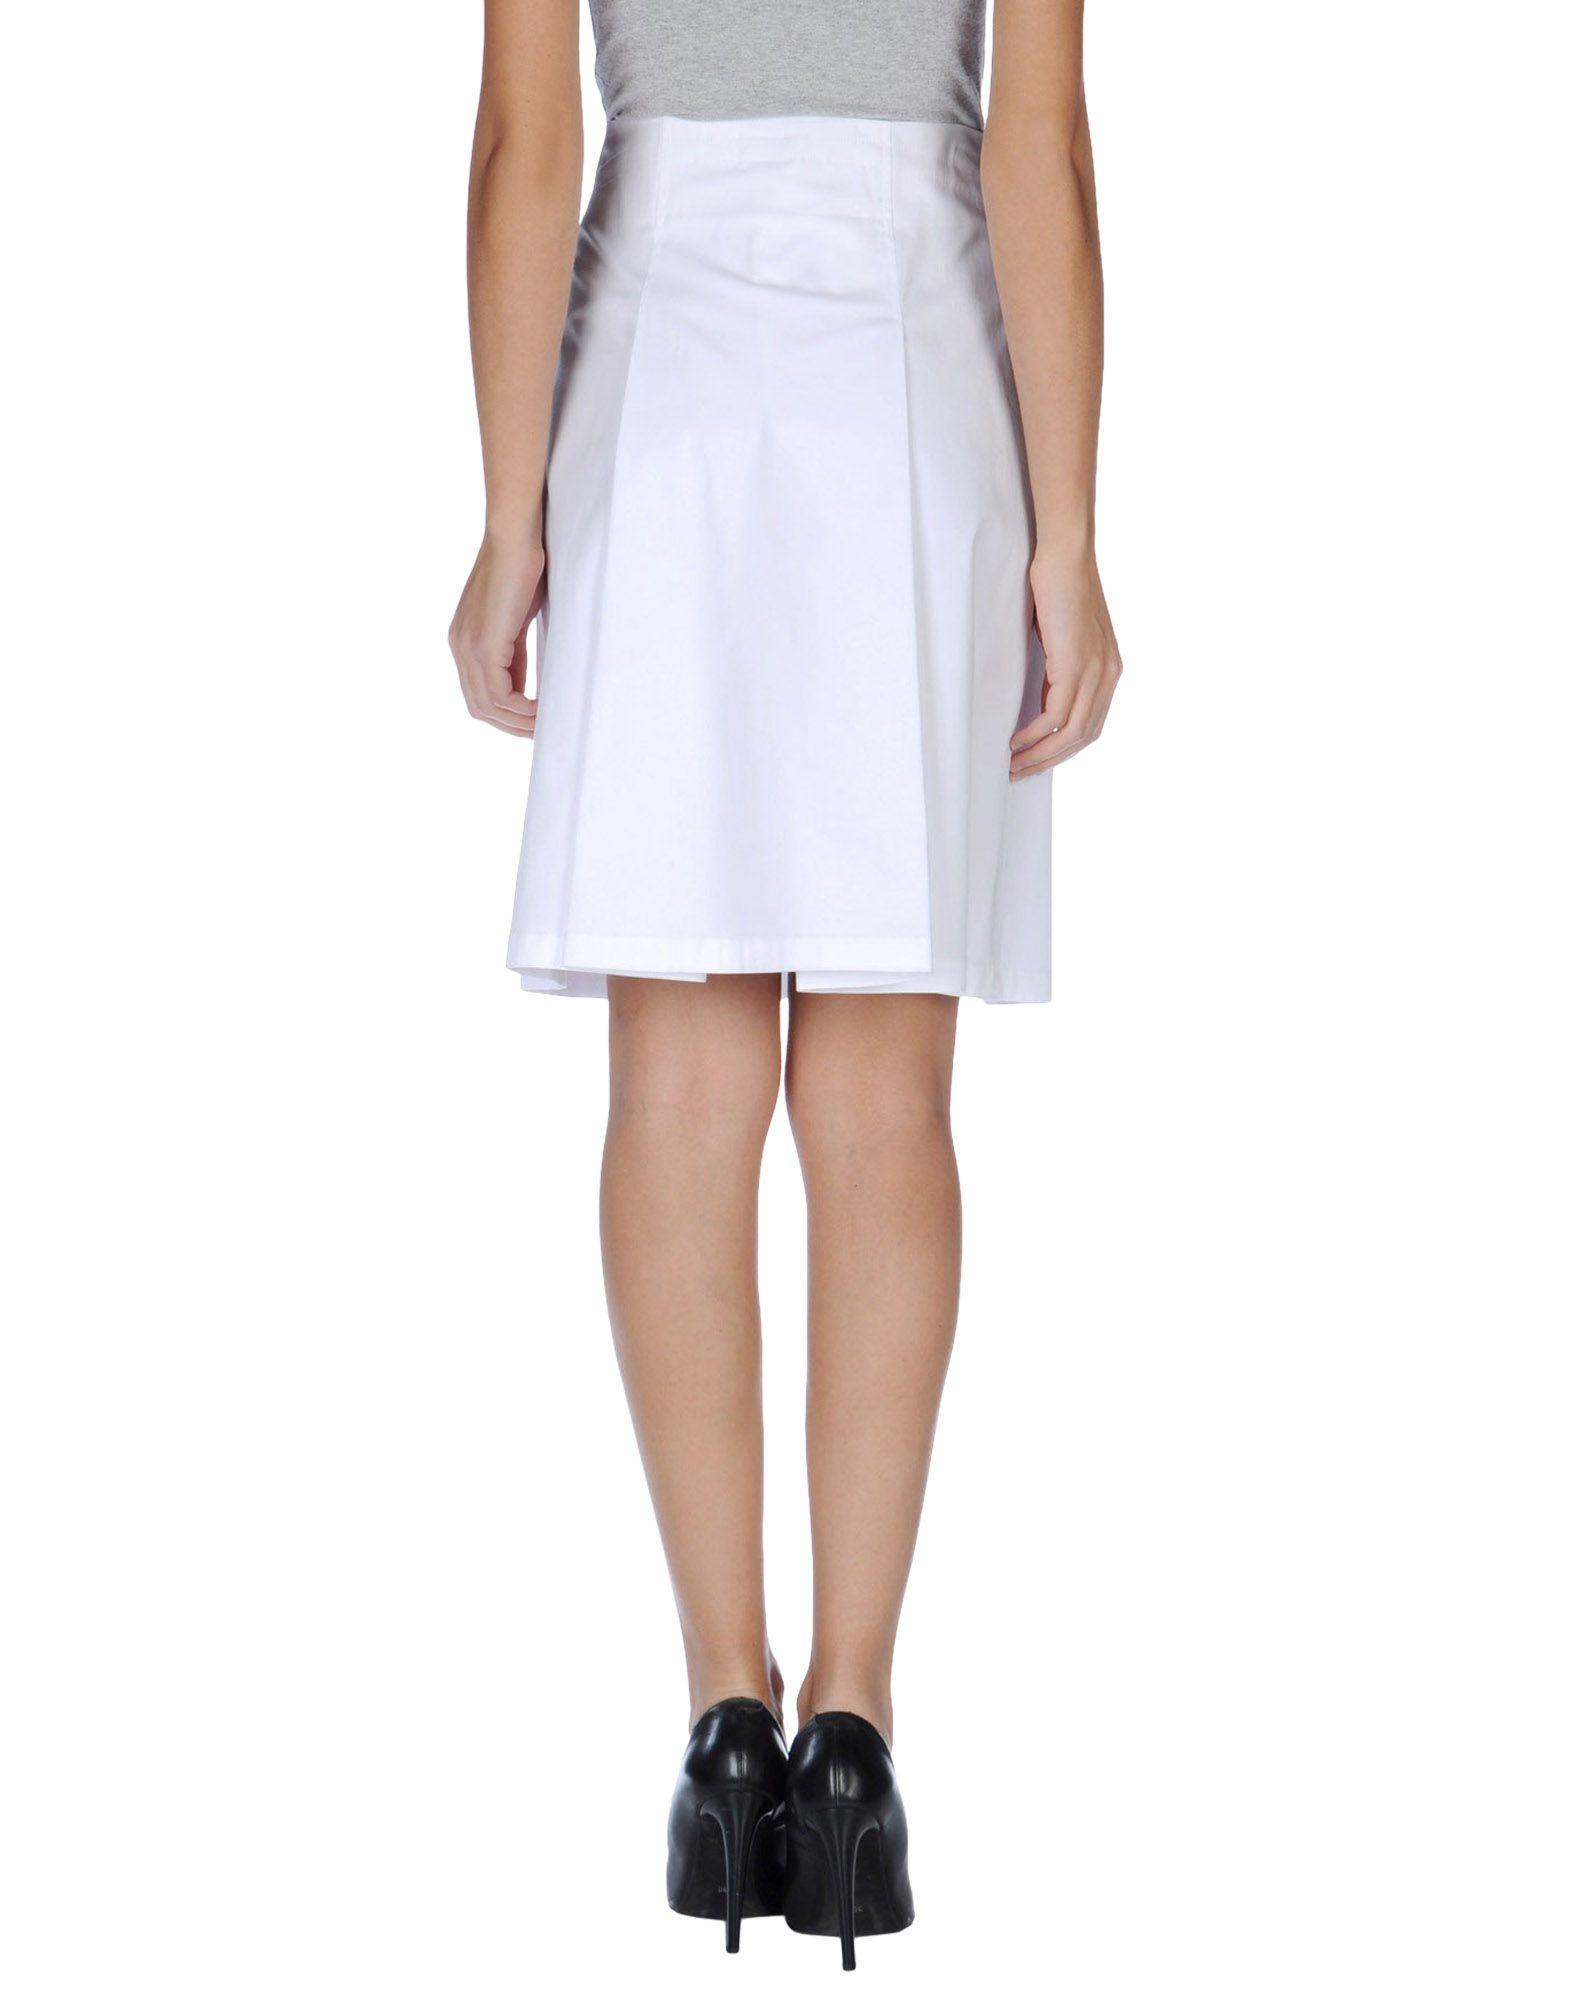 jil sander navy white knee length skirt lyst